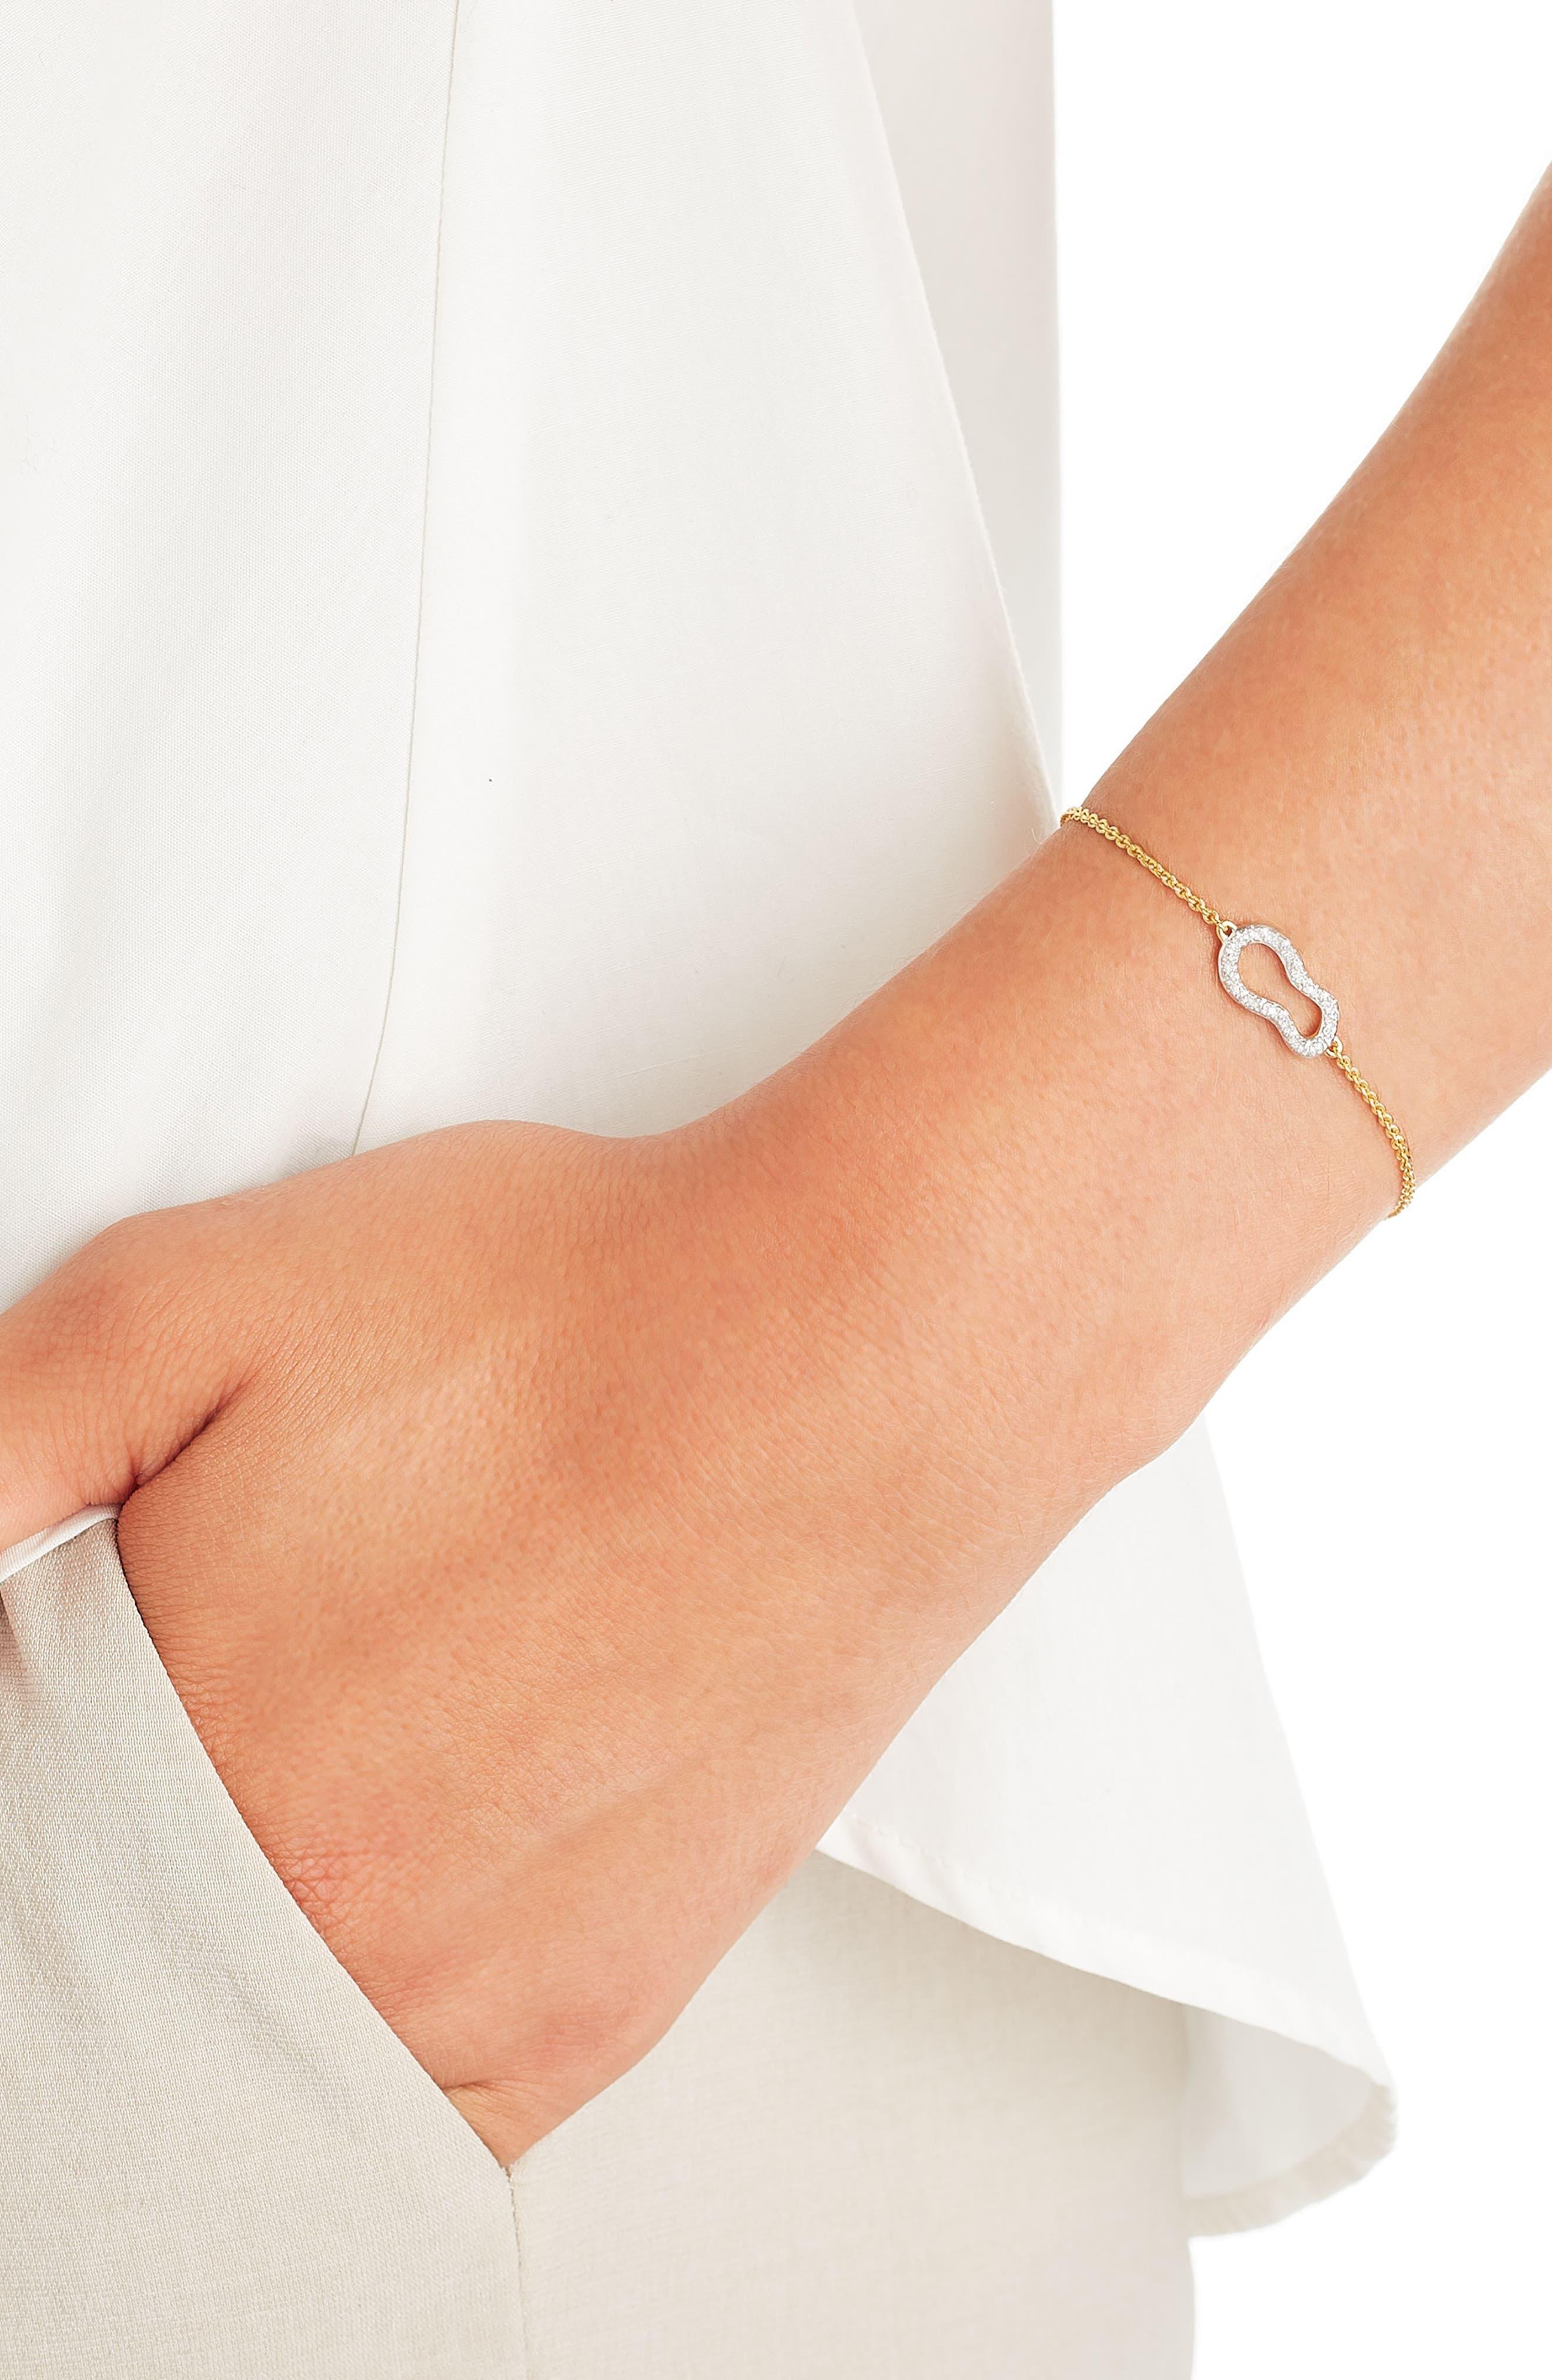 Riva Diamond Bracelet,                             Alternate thumbnail 5, color,                             ROSE GOLD/ DIAMOND